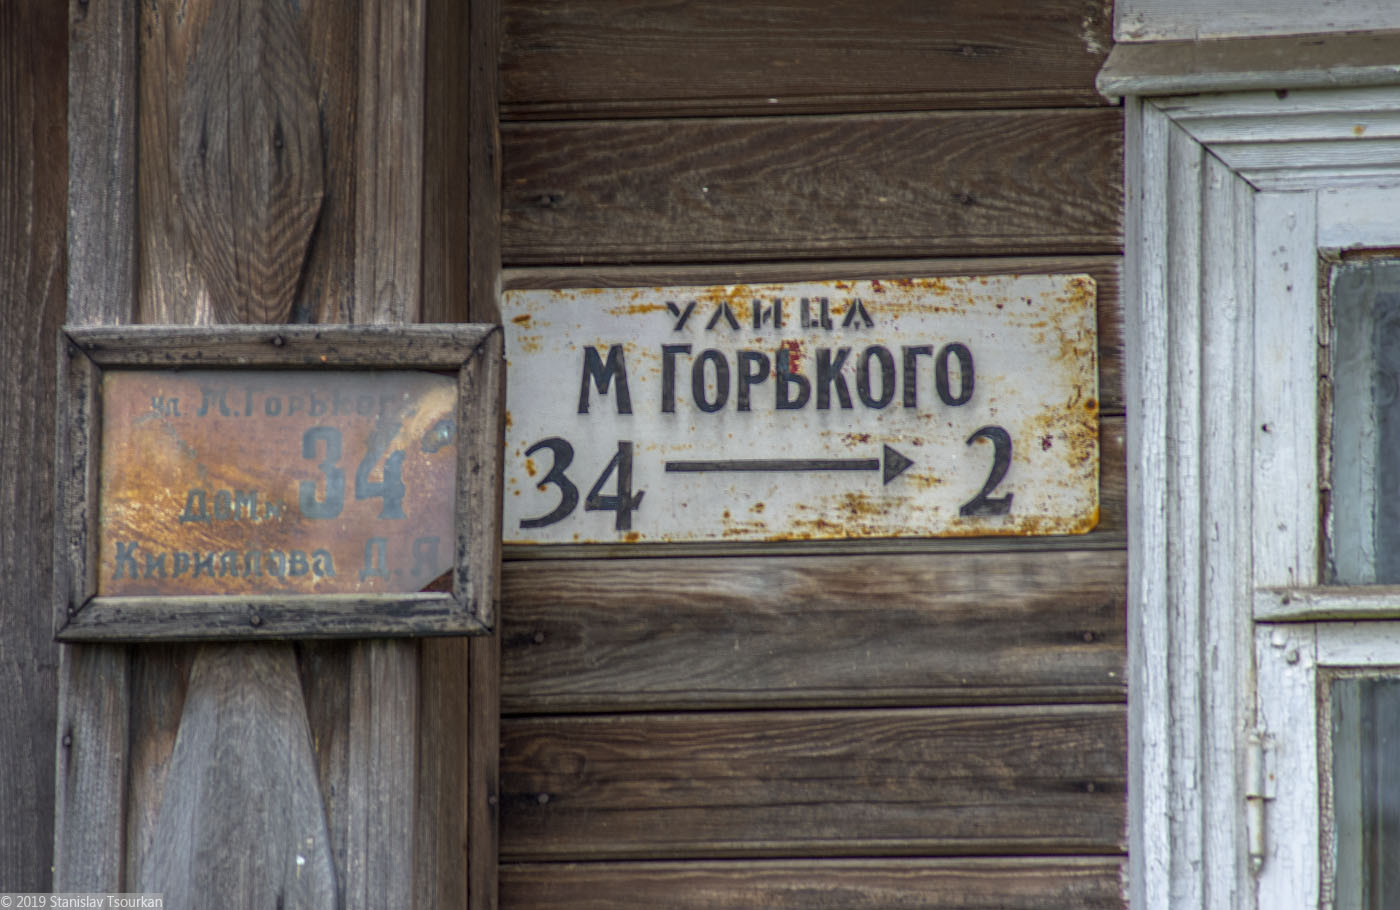 Весьегонск, табличка, указатель, улица Горького